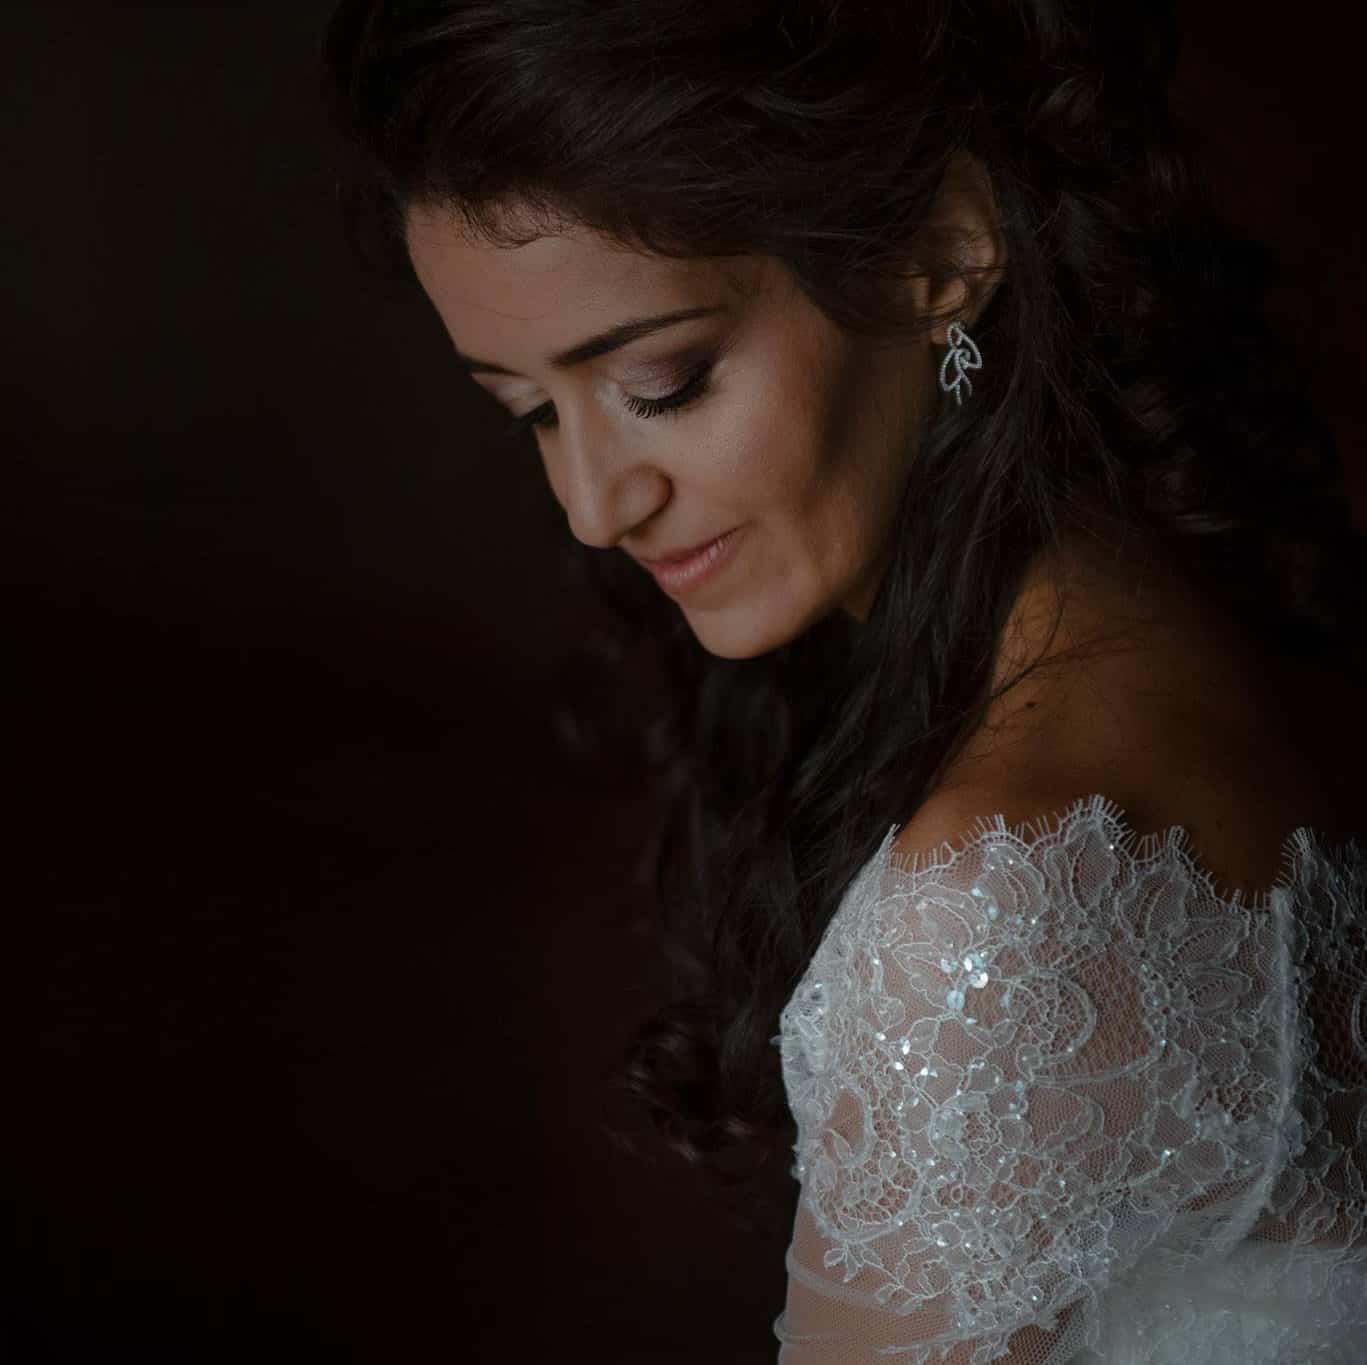 Porto cervo Photographer reviews valeria mameli